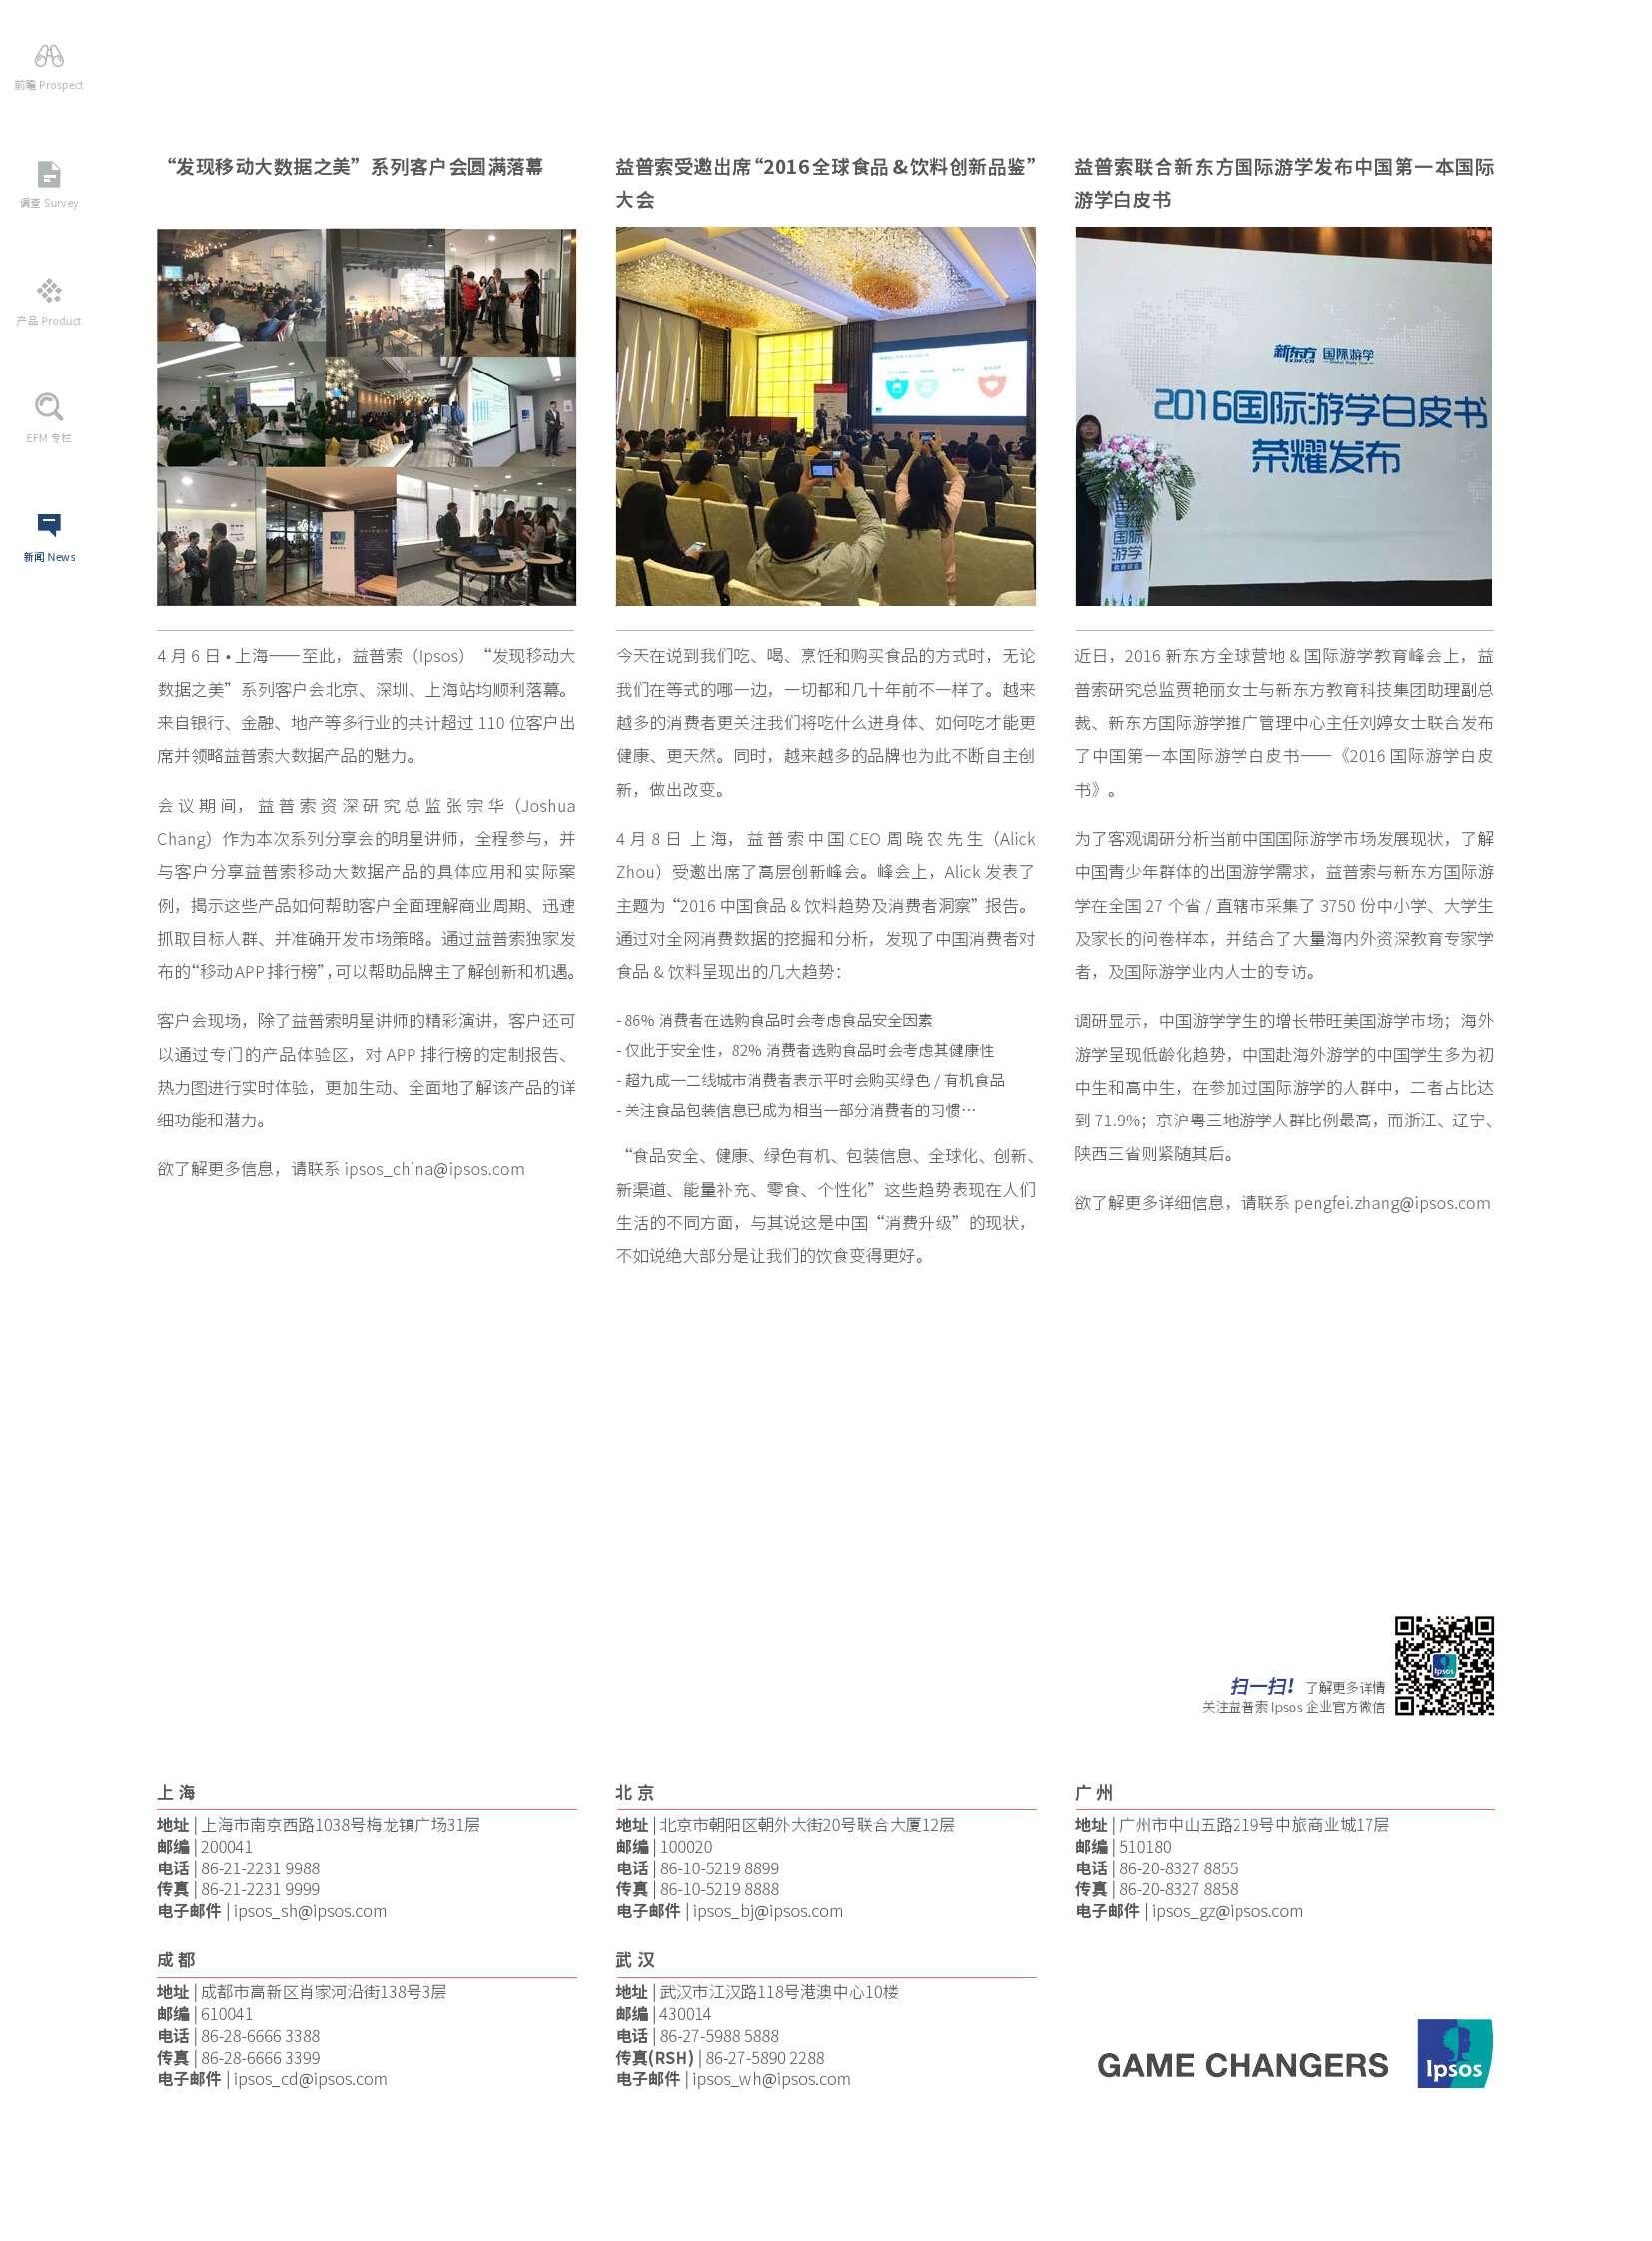 2016中国食品&饮料趋势及消费者洞察_000022